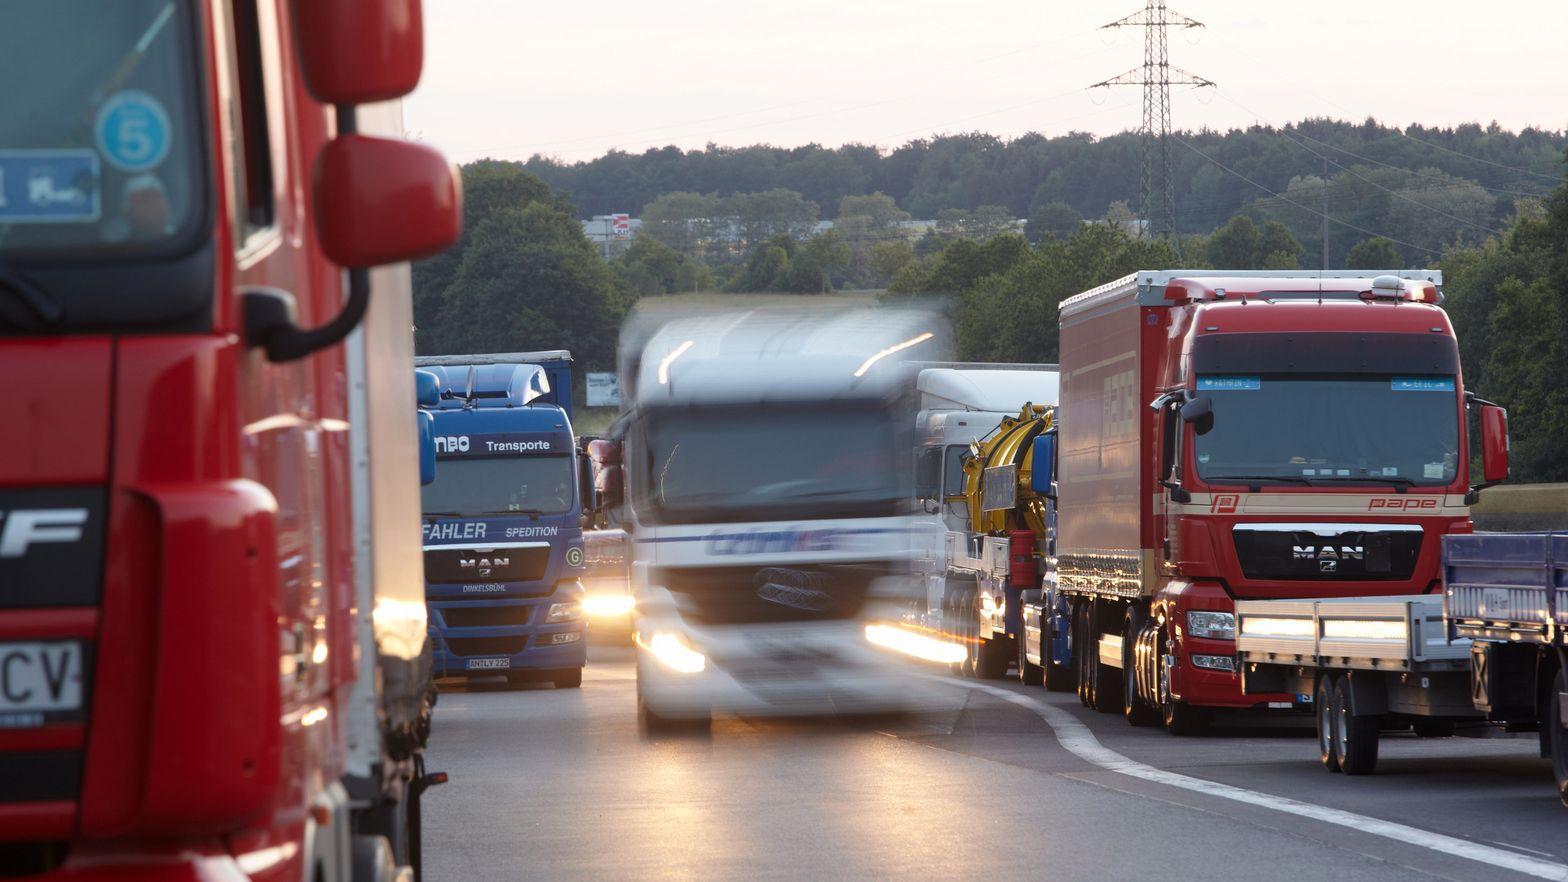 Lastwagen auf einem Autobahnparkplatz